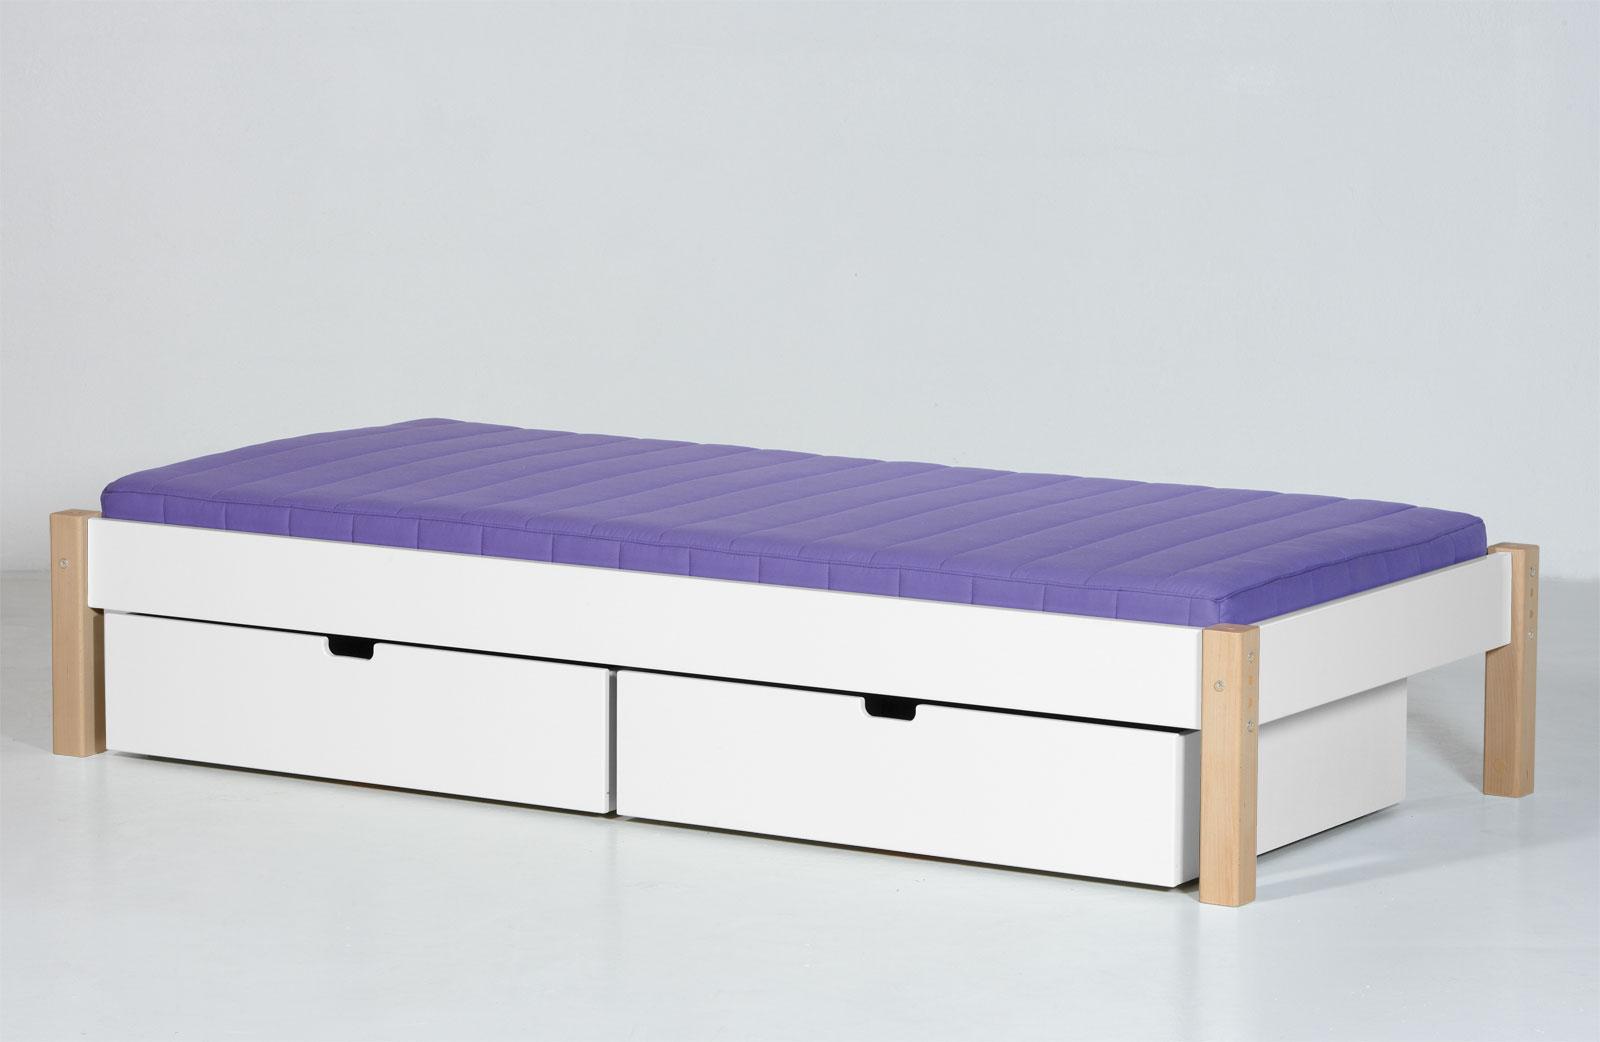 schubkastenbett f r das kinder und jugendzimmer kids town. Black Bedroom Furniture Sets. Home Design Ideas